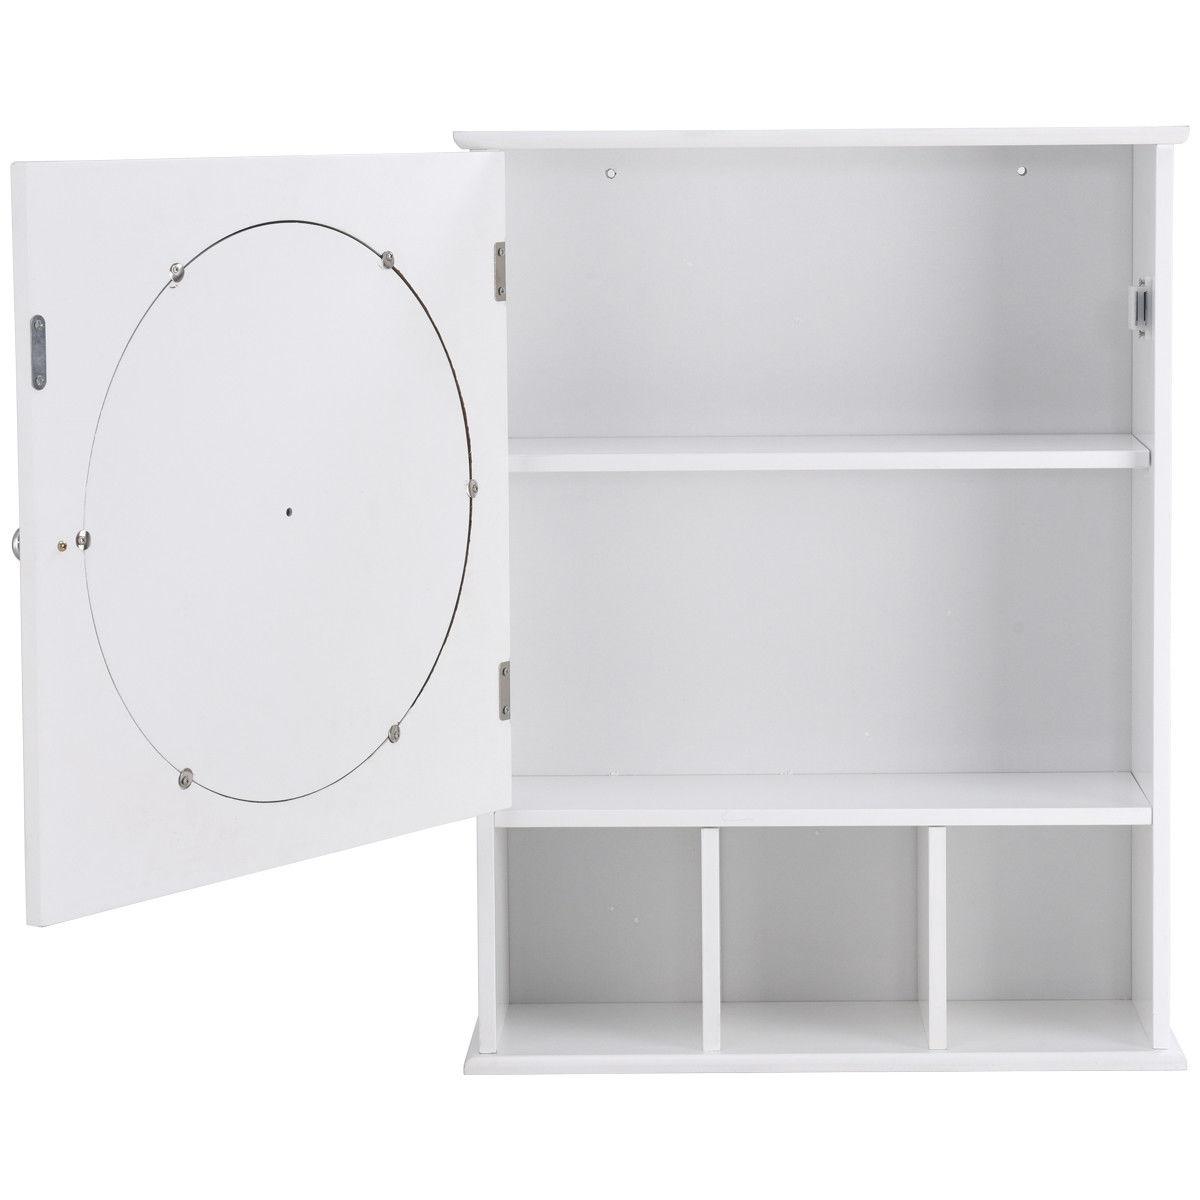 Bathroom Wall Mount Storage Wood Shelf Mirror Door Cabinet